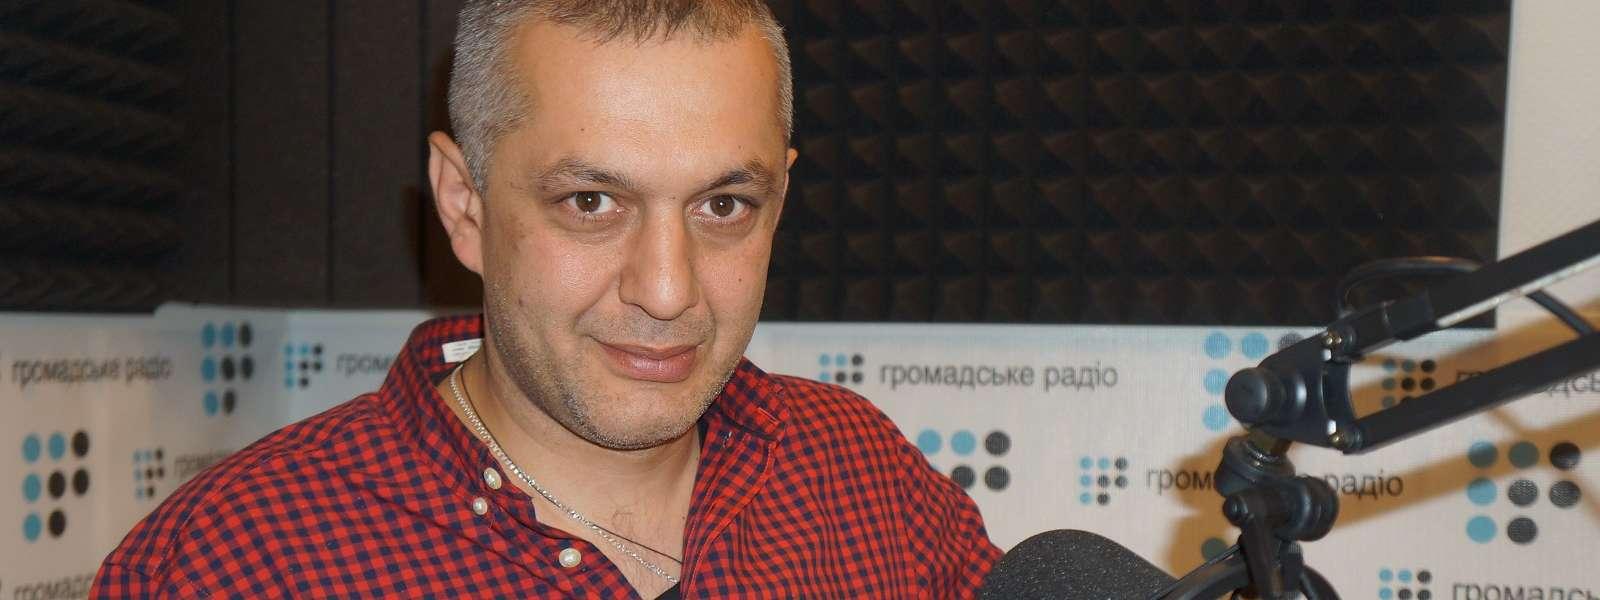 Бачо Корчилава попросил прощения в украинцев